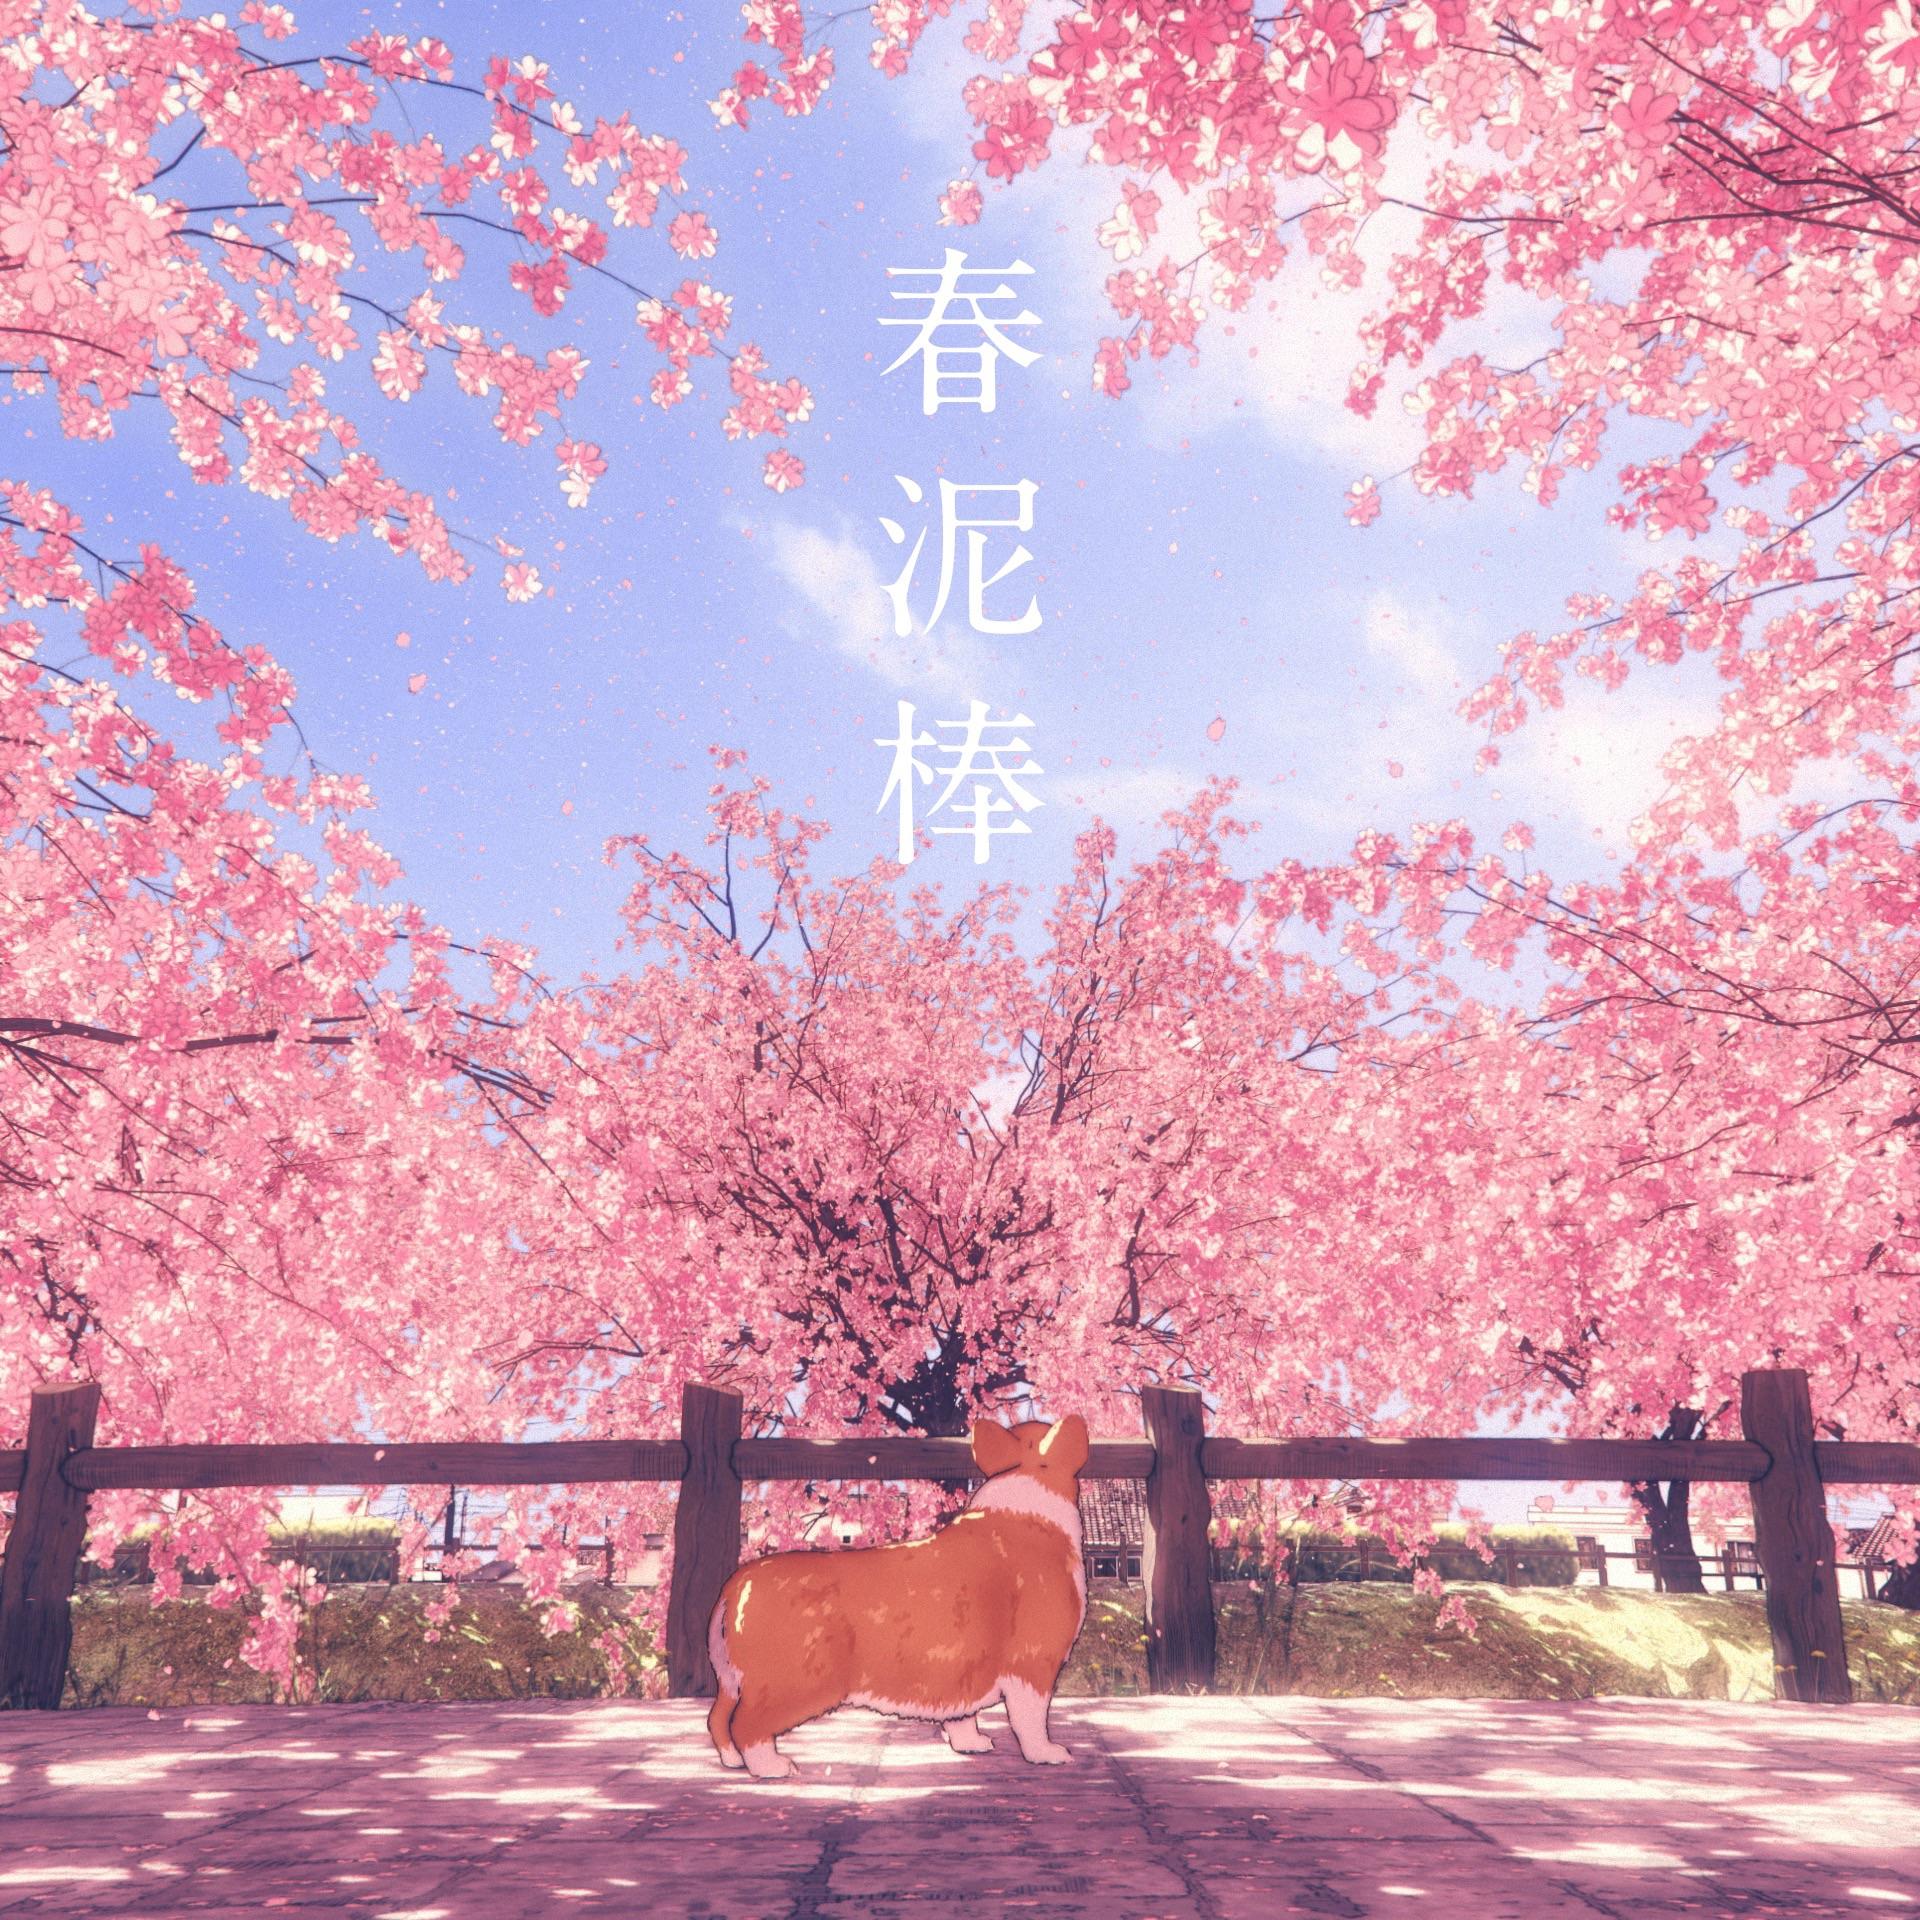 Yorushika – Haru Dorobou